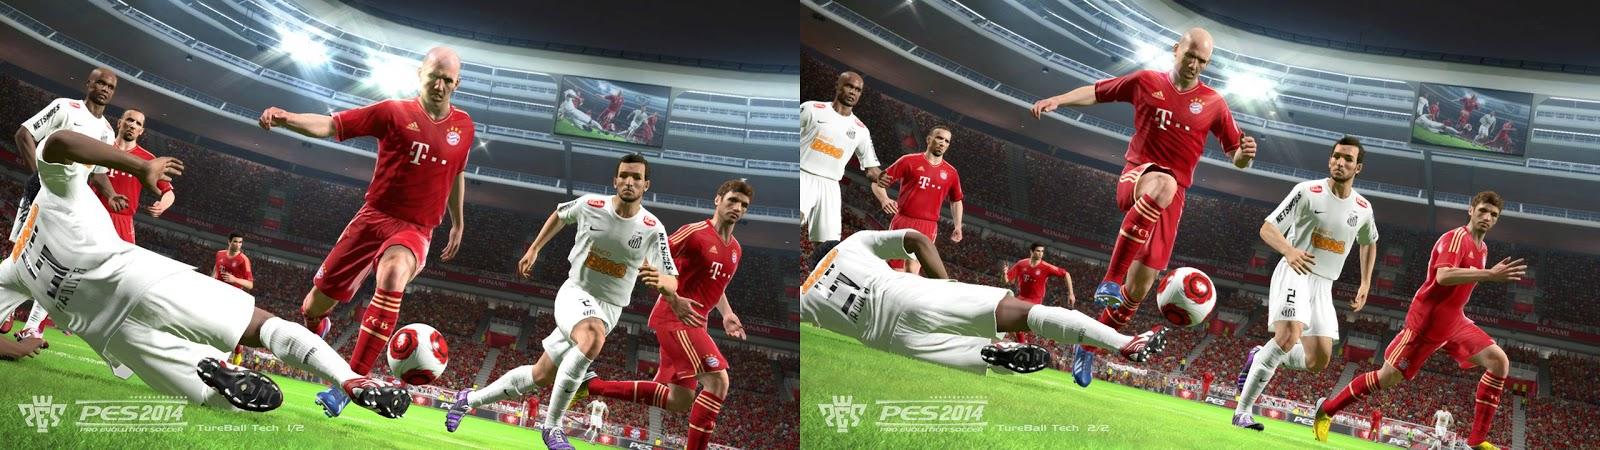 Acompanhando os embalos da E3, Konami revelada duas novas imagens de PES 2014